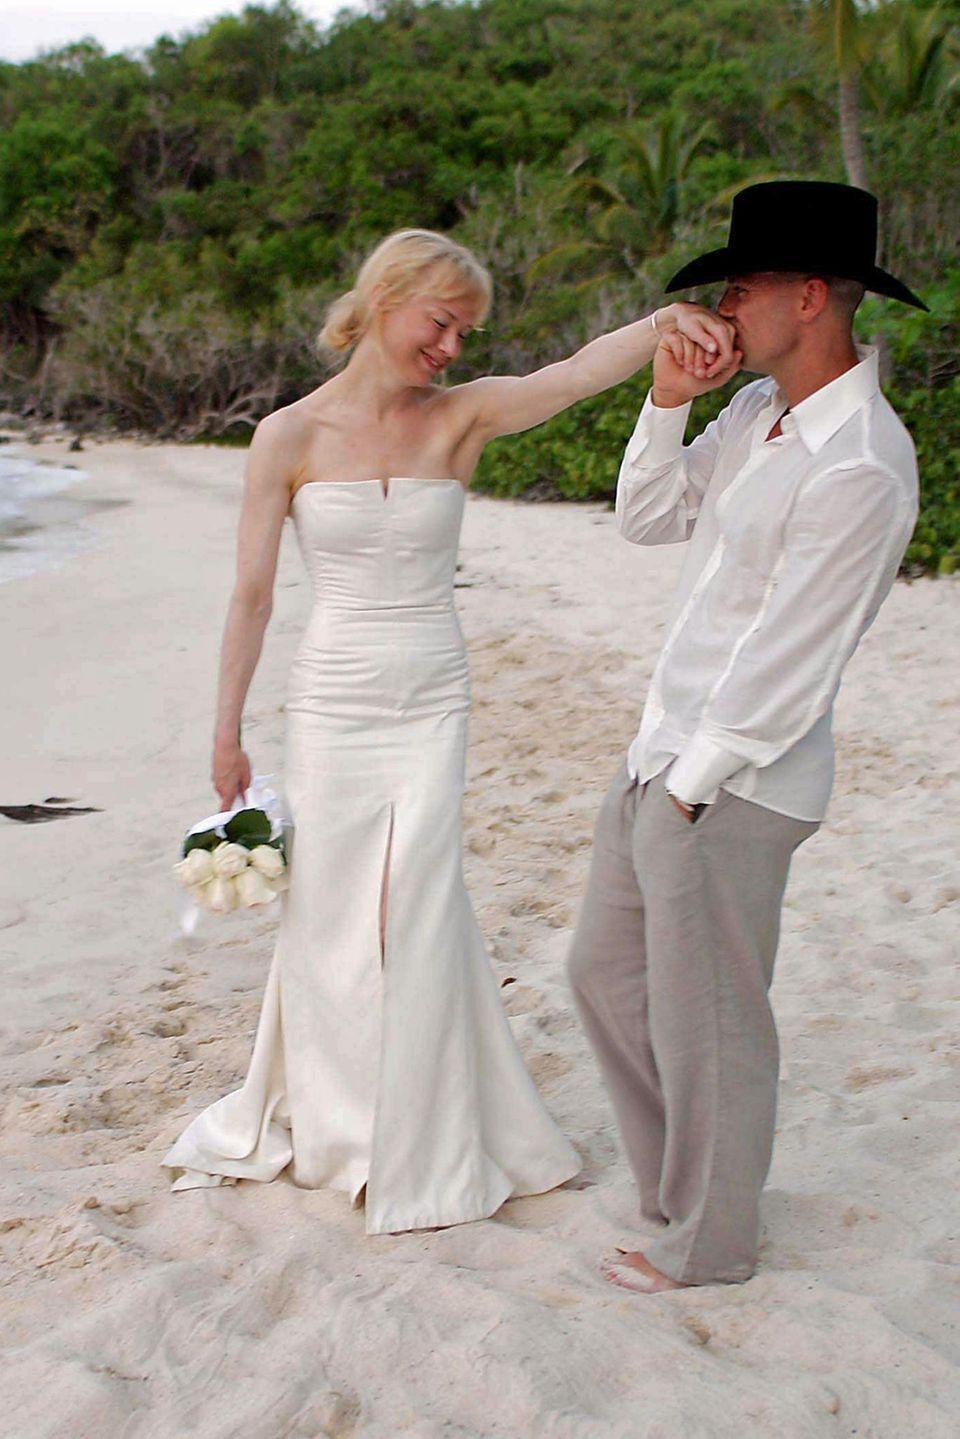 """Renée Zellweger + Kenny Chesney: 4 Monate  Oscar-Gewinnerin Renée Zellweger heiratet Countrysänger Kenny Chesney im Mai 2005 in der Karibik. Doch Ende des Jahressind die beiden schon wieder geschiedene Leute. Die """"Bridget Jones""""-Darstellerin bezeichnet die gescheiterte Kurz-Ehe als """"sehr traurige Erfahrung"""" in ihrem Leben."""